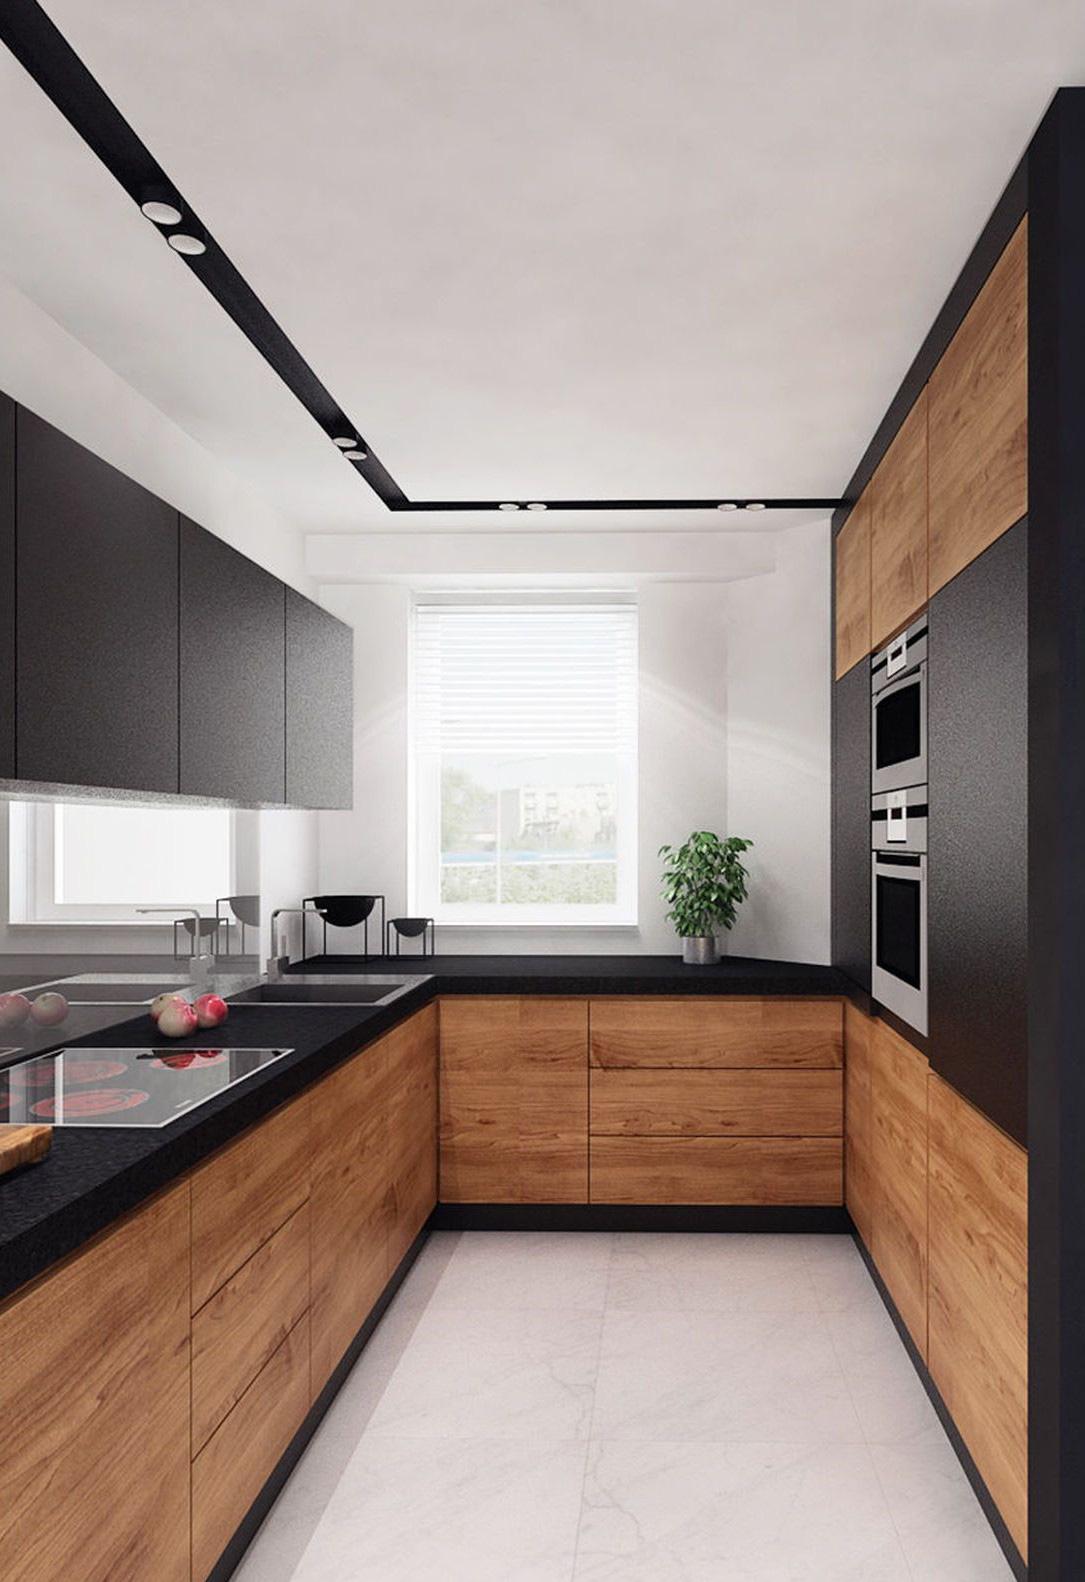 Ấn tượng với ngôi nhà có diện tích 70m2 được kiến trúc sư tư vấn thiết kế với chi phí 120 triệu đồng - Ảnh 7.